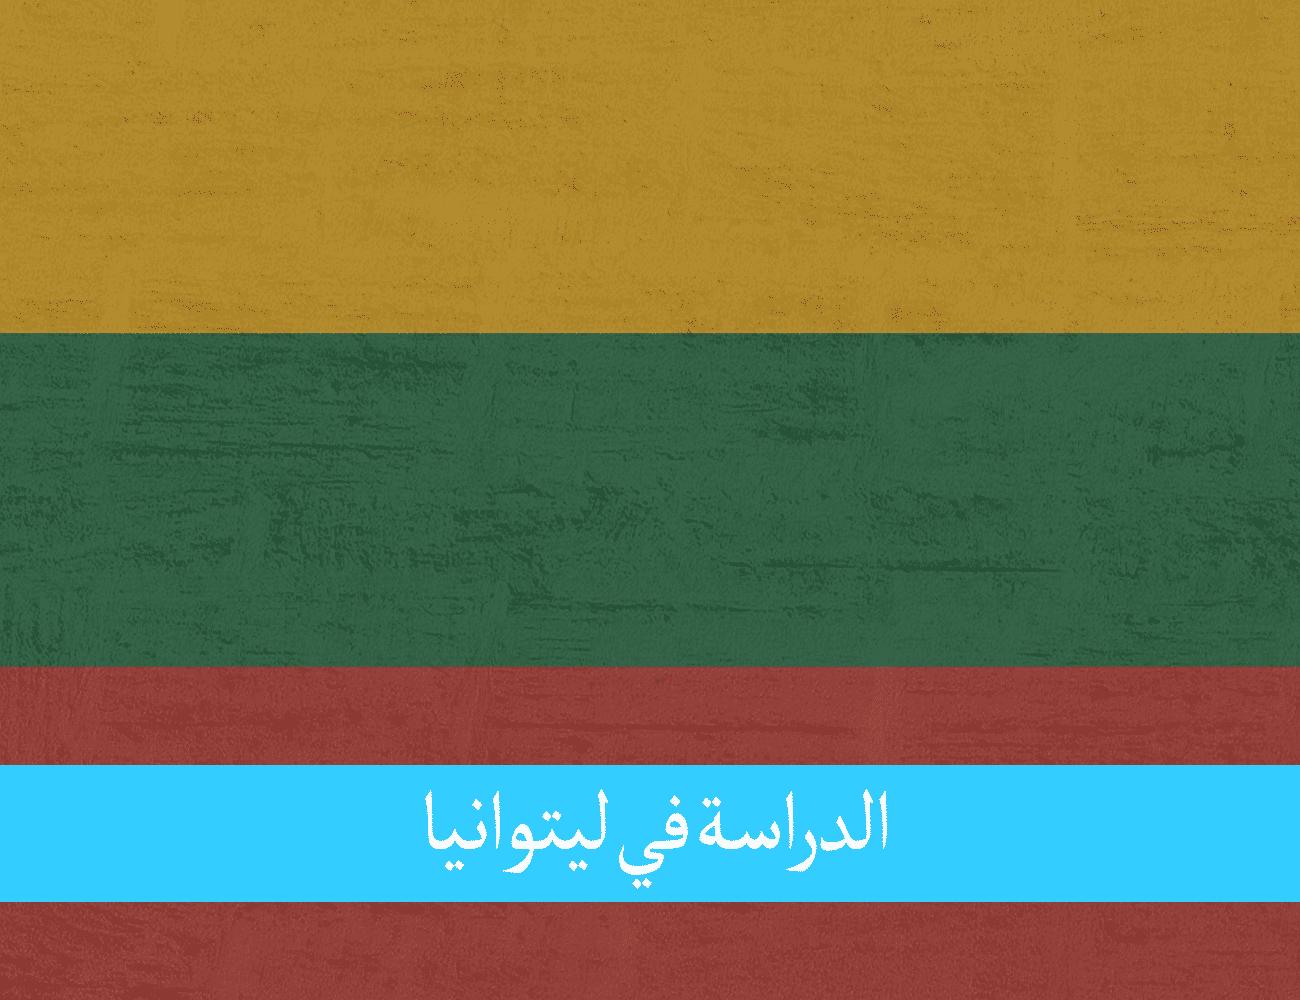 الدراسة في ليتوانيا للمغاربة موطن المدن طلابية العصرية والحديثة